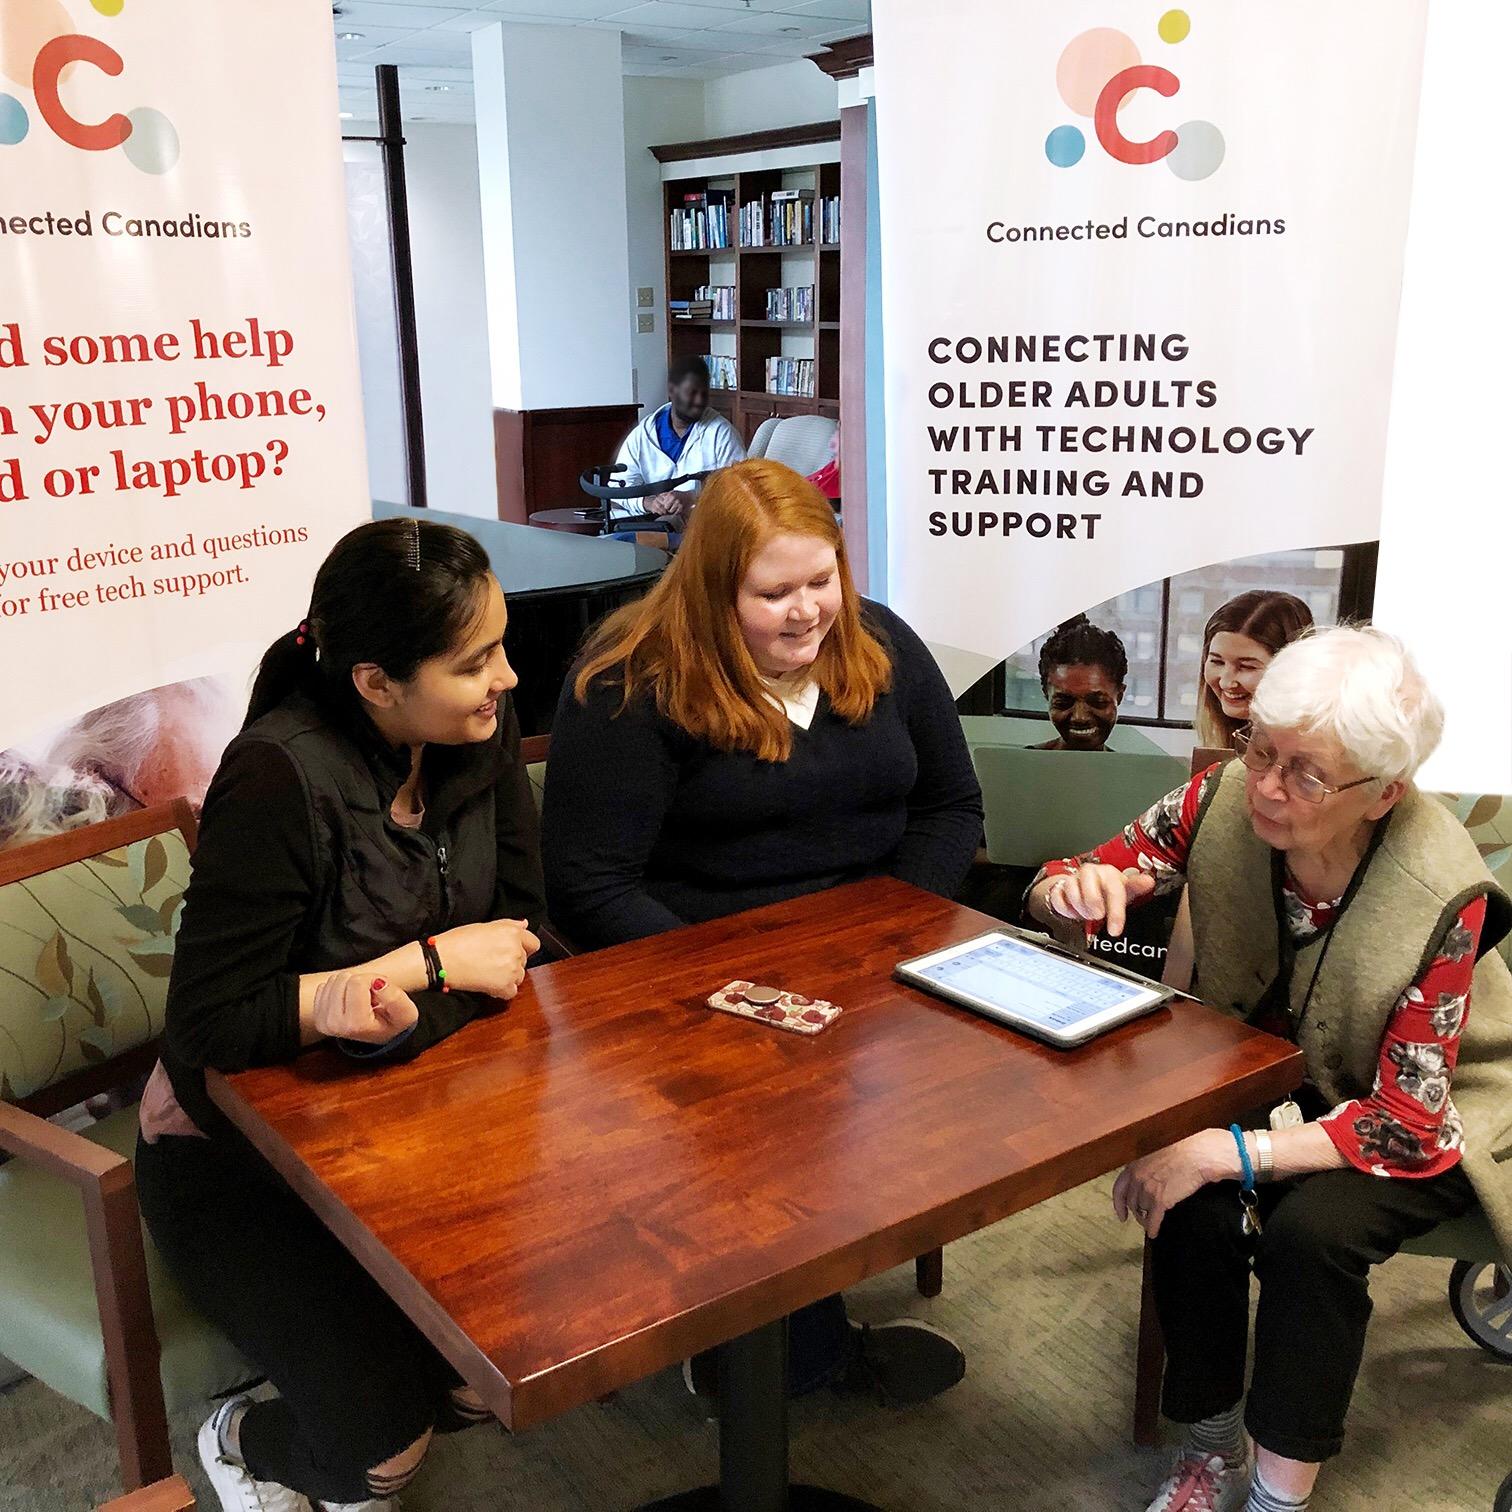 Workplace Sponsored Volunteering